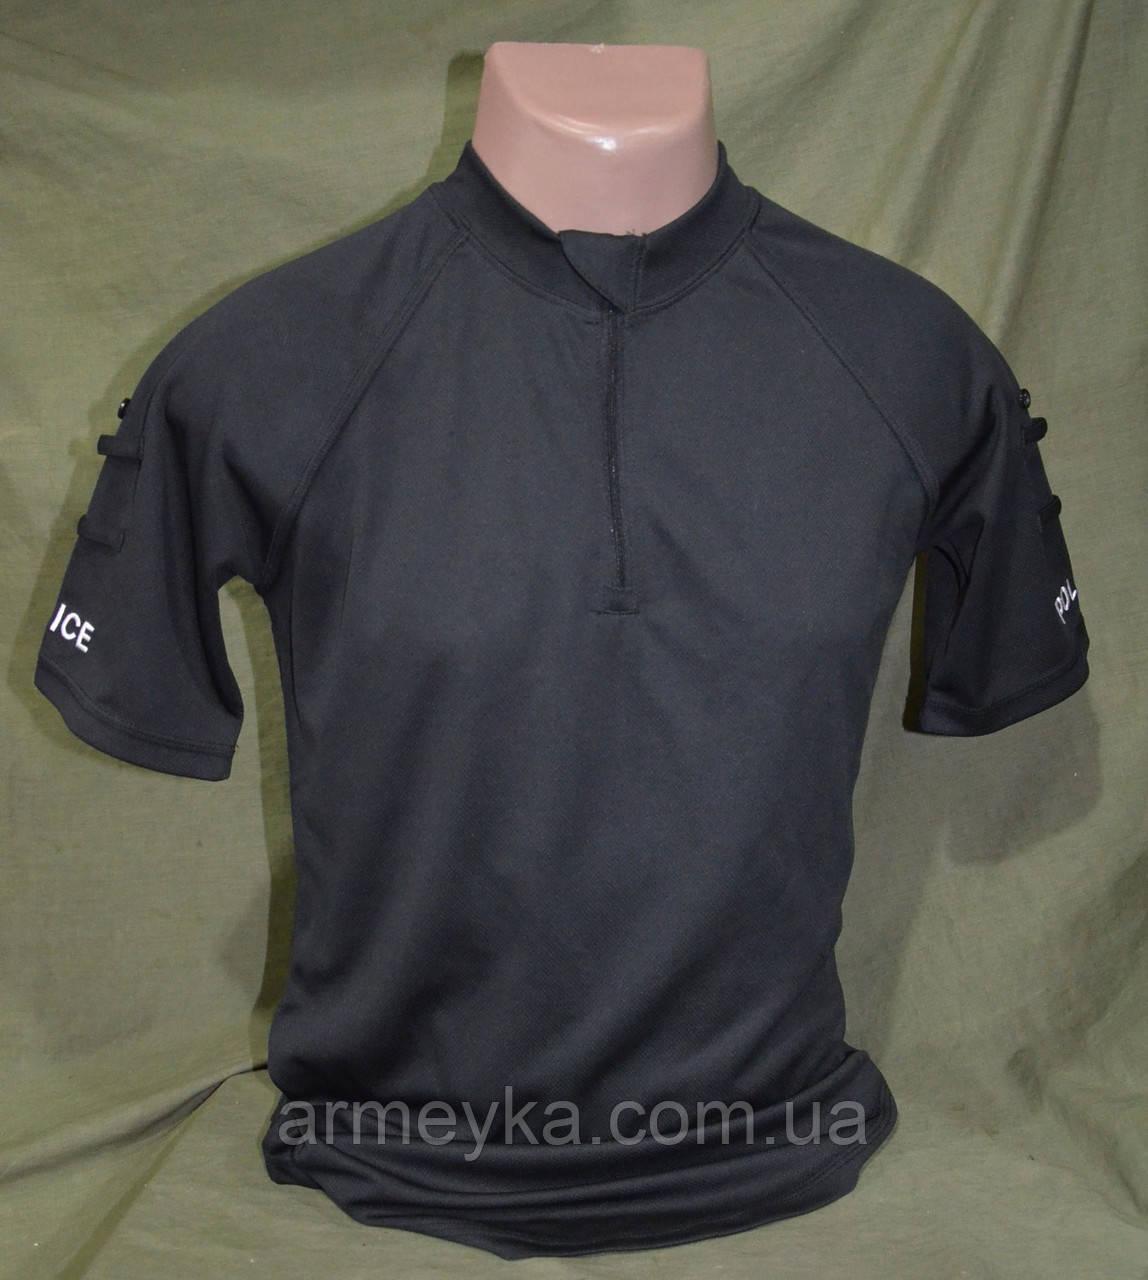 CoolMax футболка поліції Великобританії , чорна оригінал